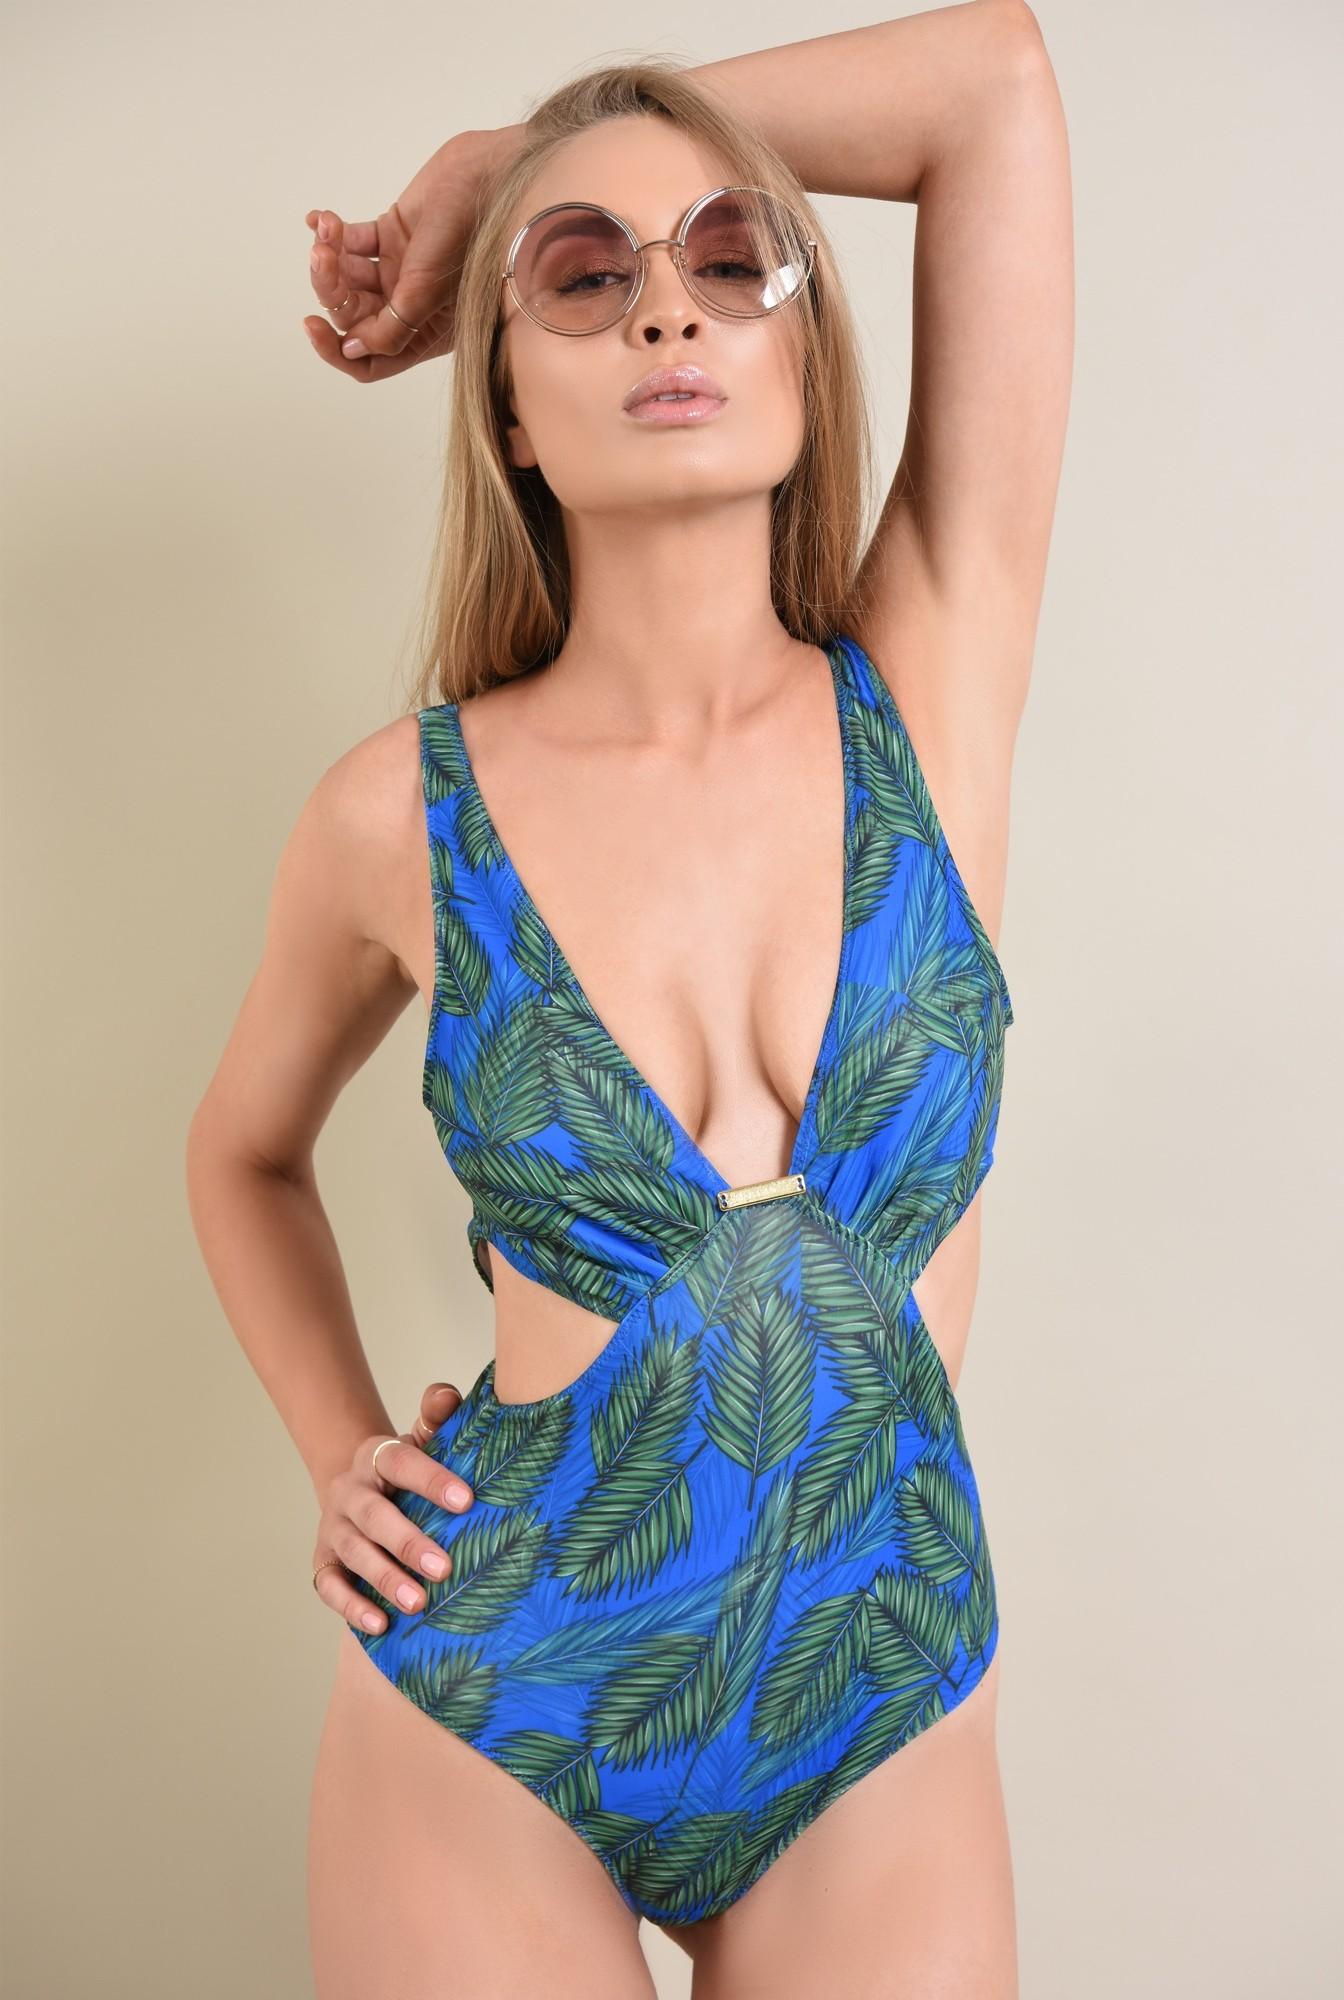 4 - costum de baie intreg, albastru, verde, imprimeu